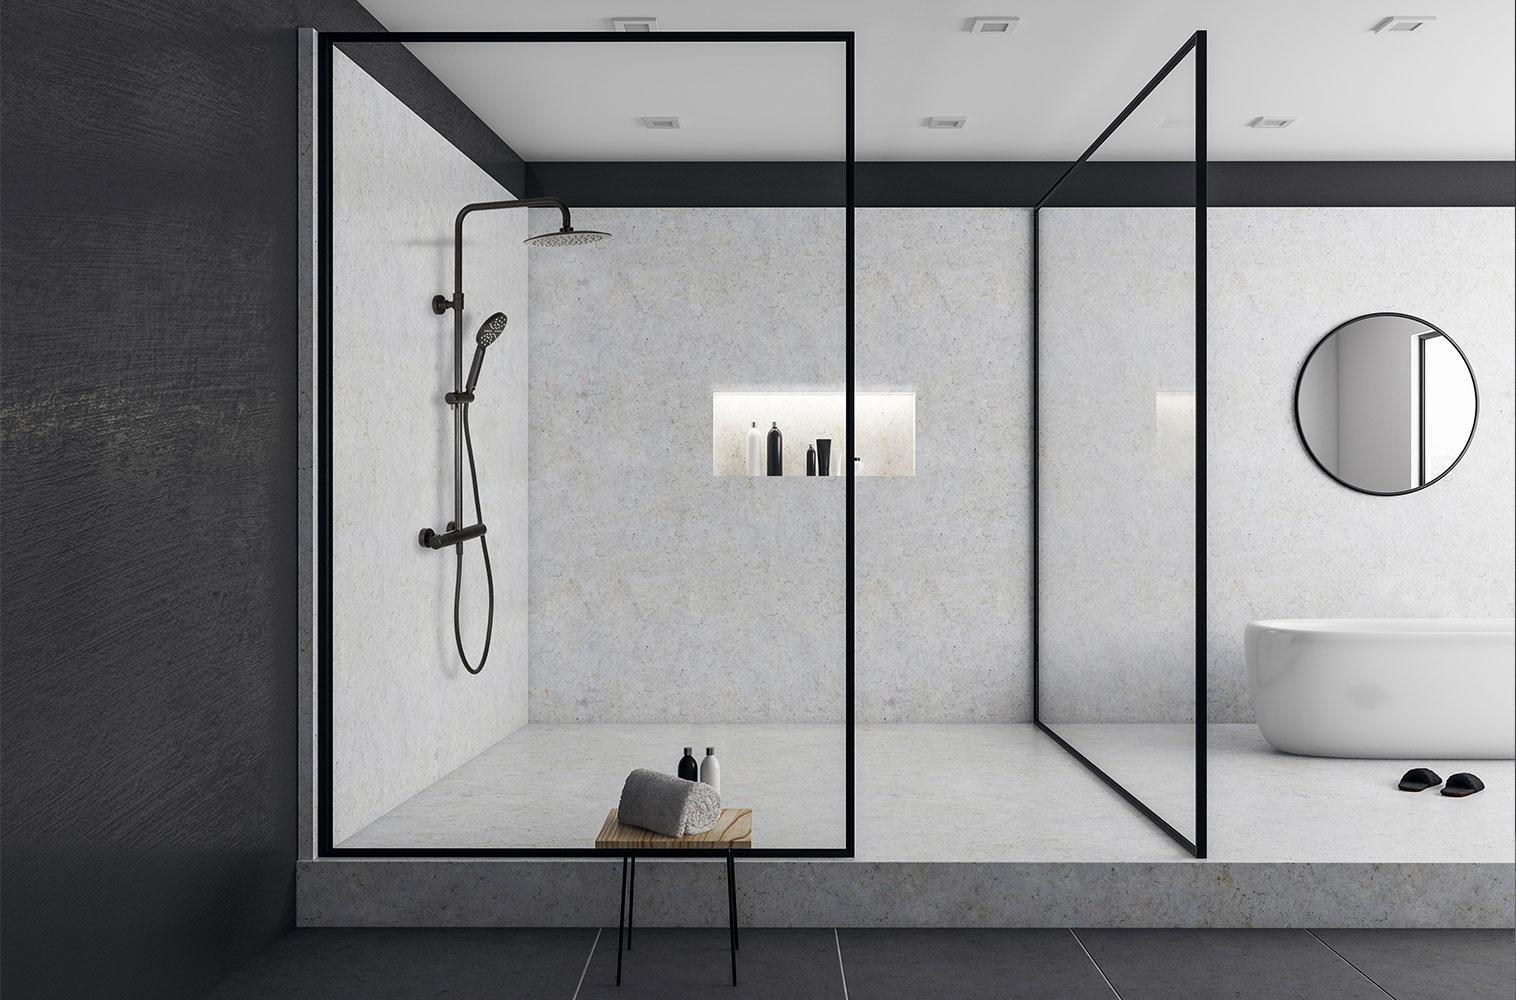 LB47120-showersky-blac-dizajn